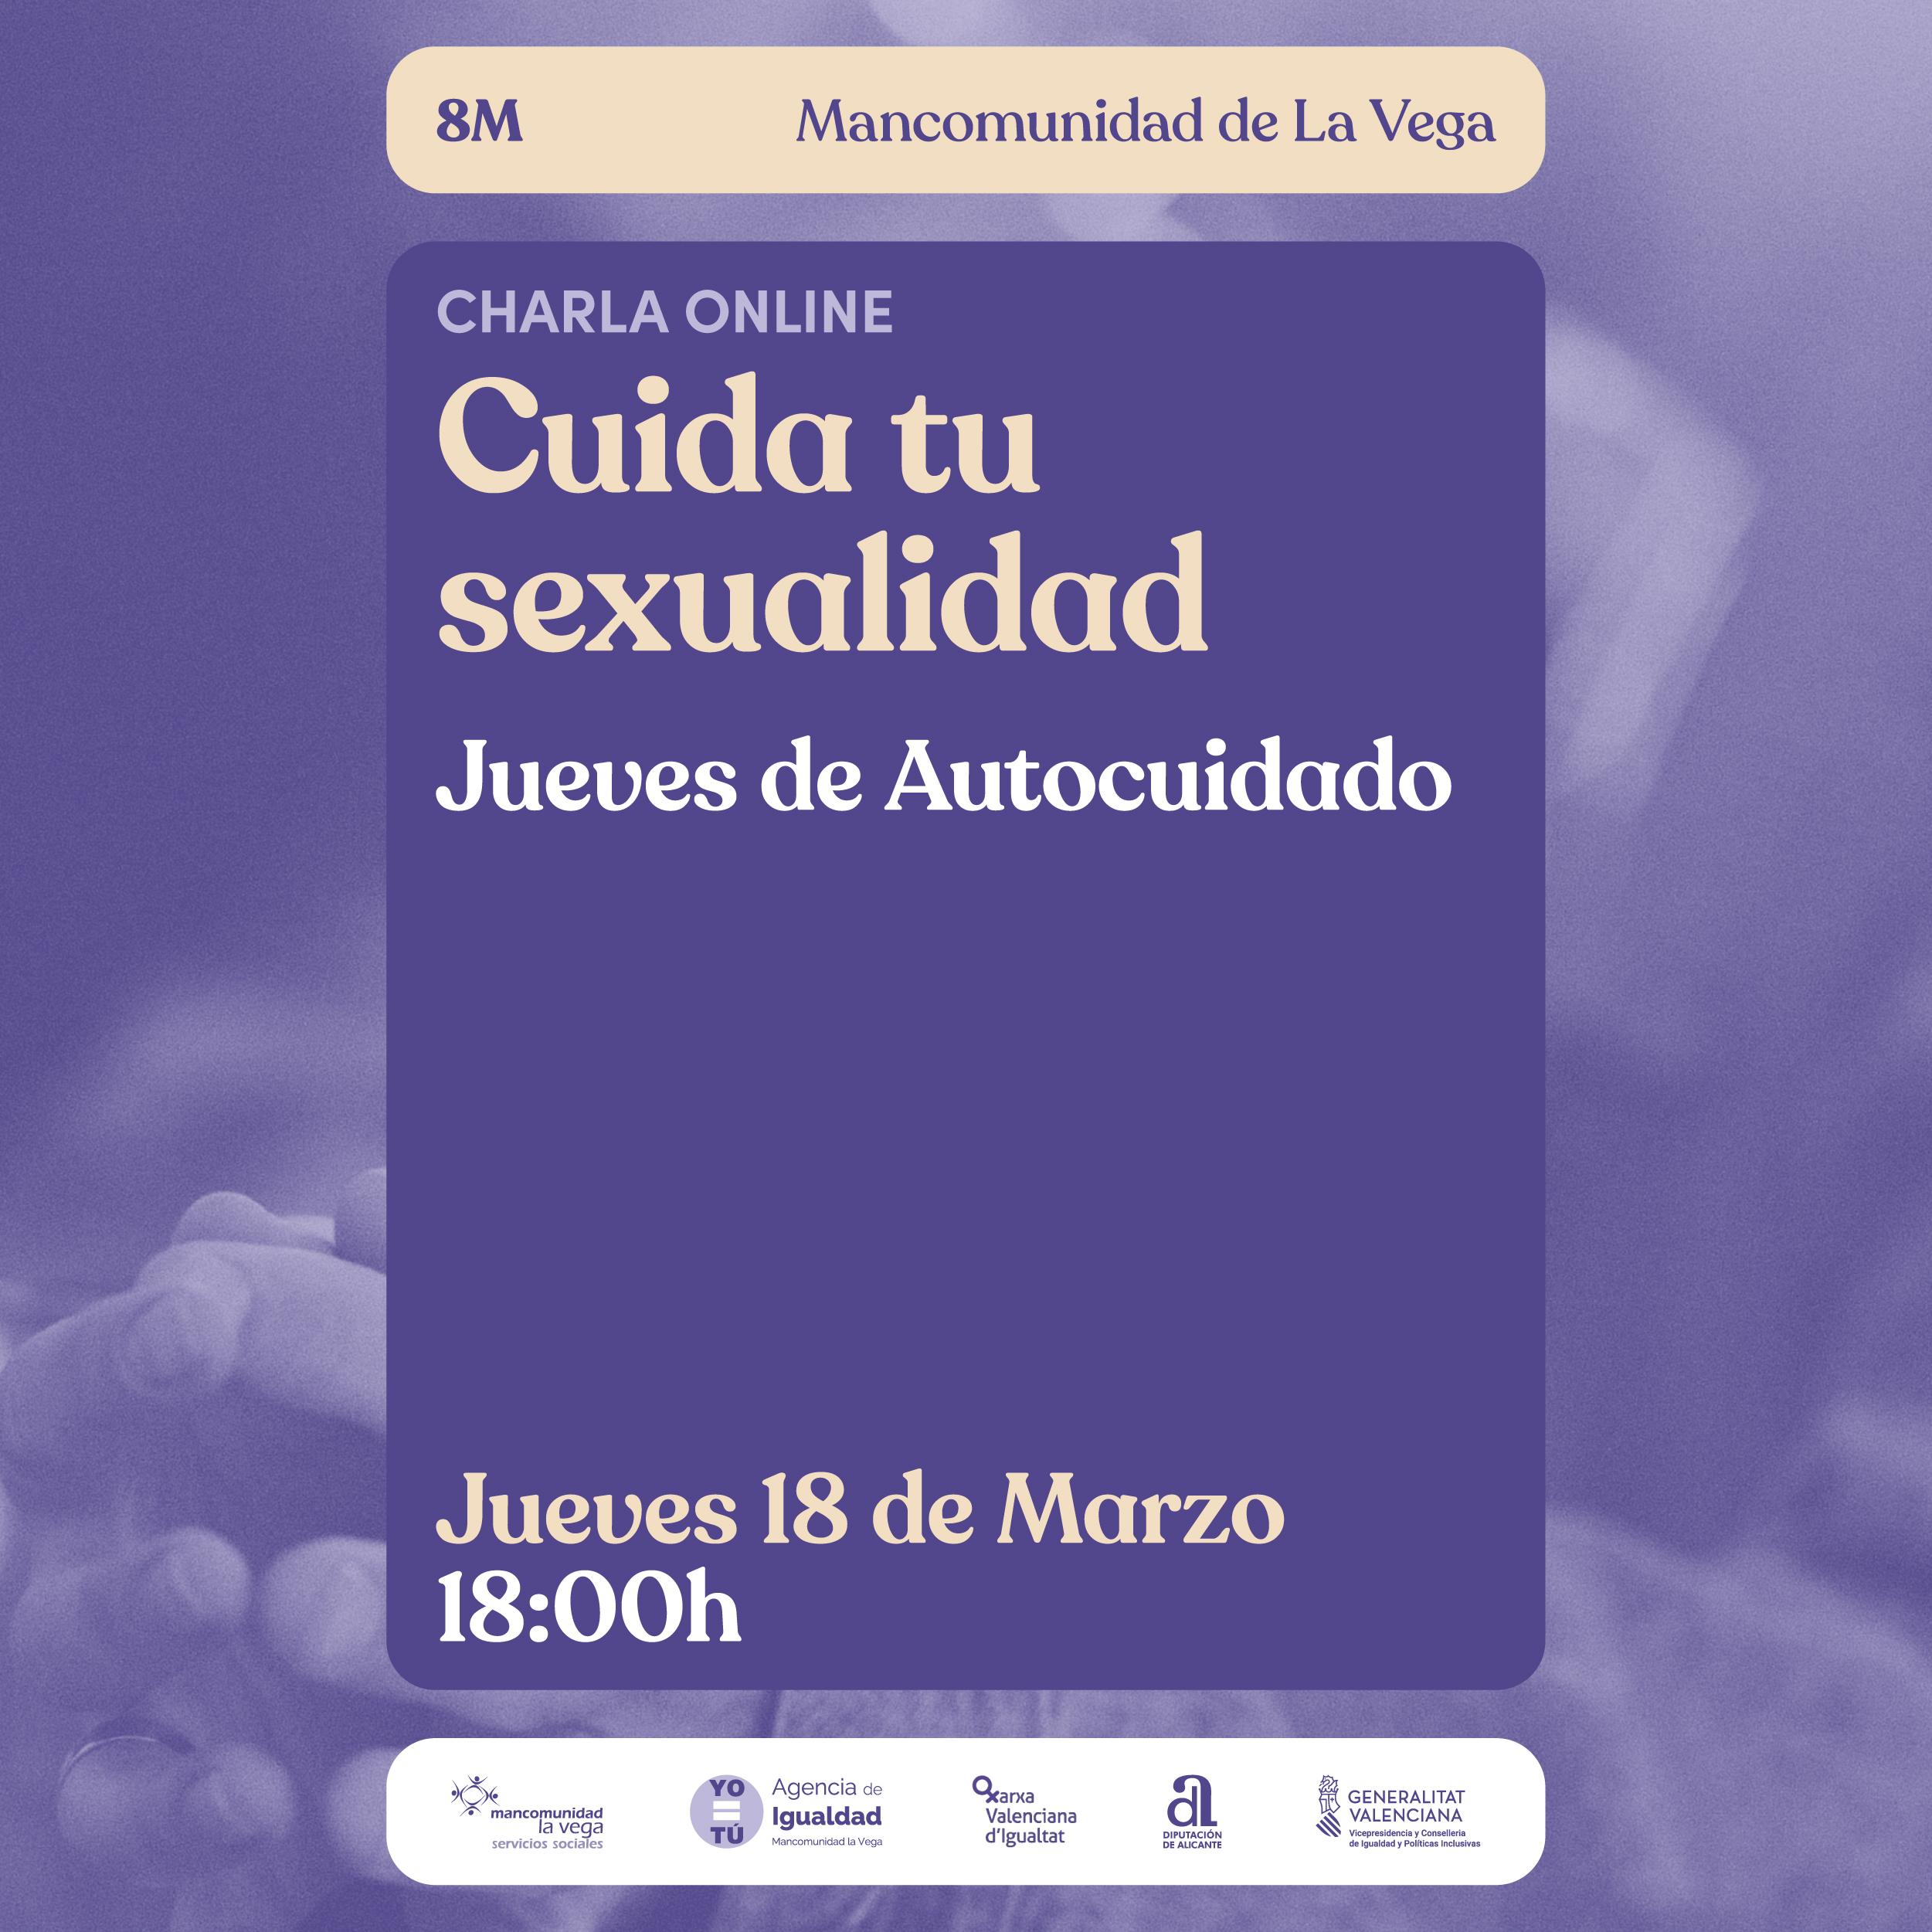 Cuida tu sexualidad